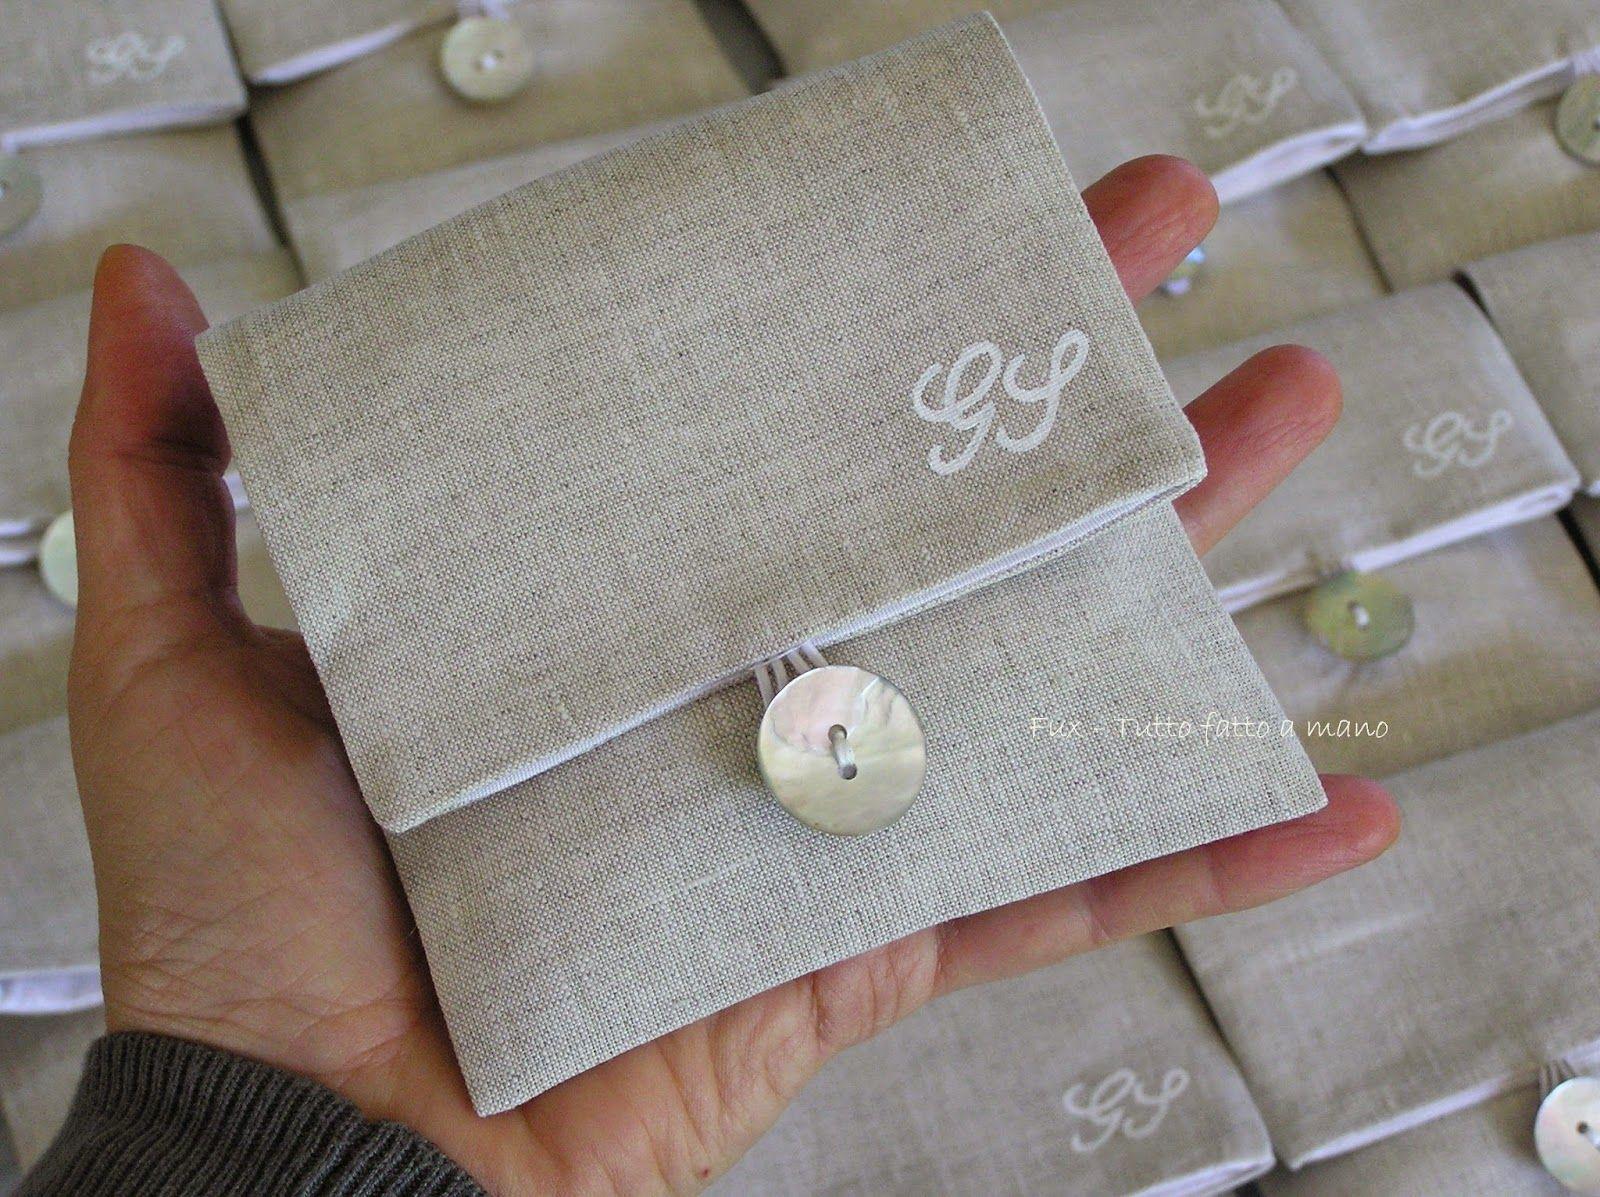 Amato sacchettini confetti in lino con iniziali - Cerca con Google  ZC24